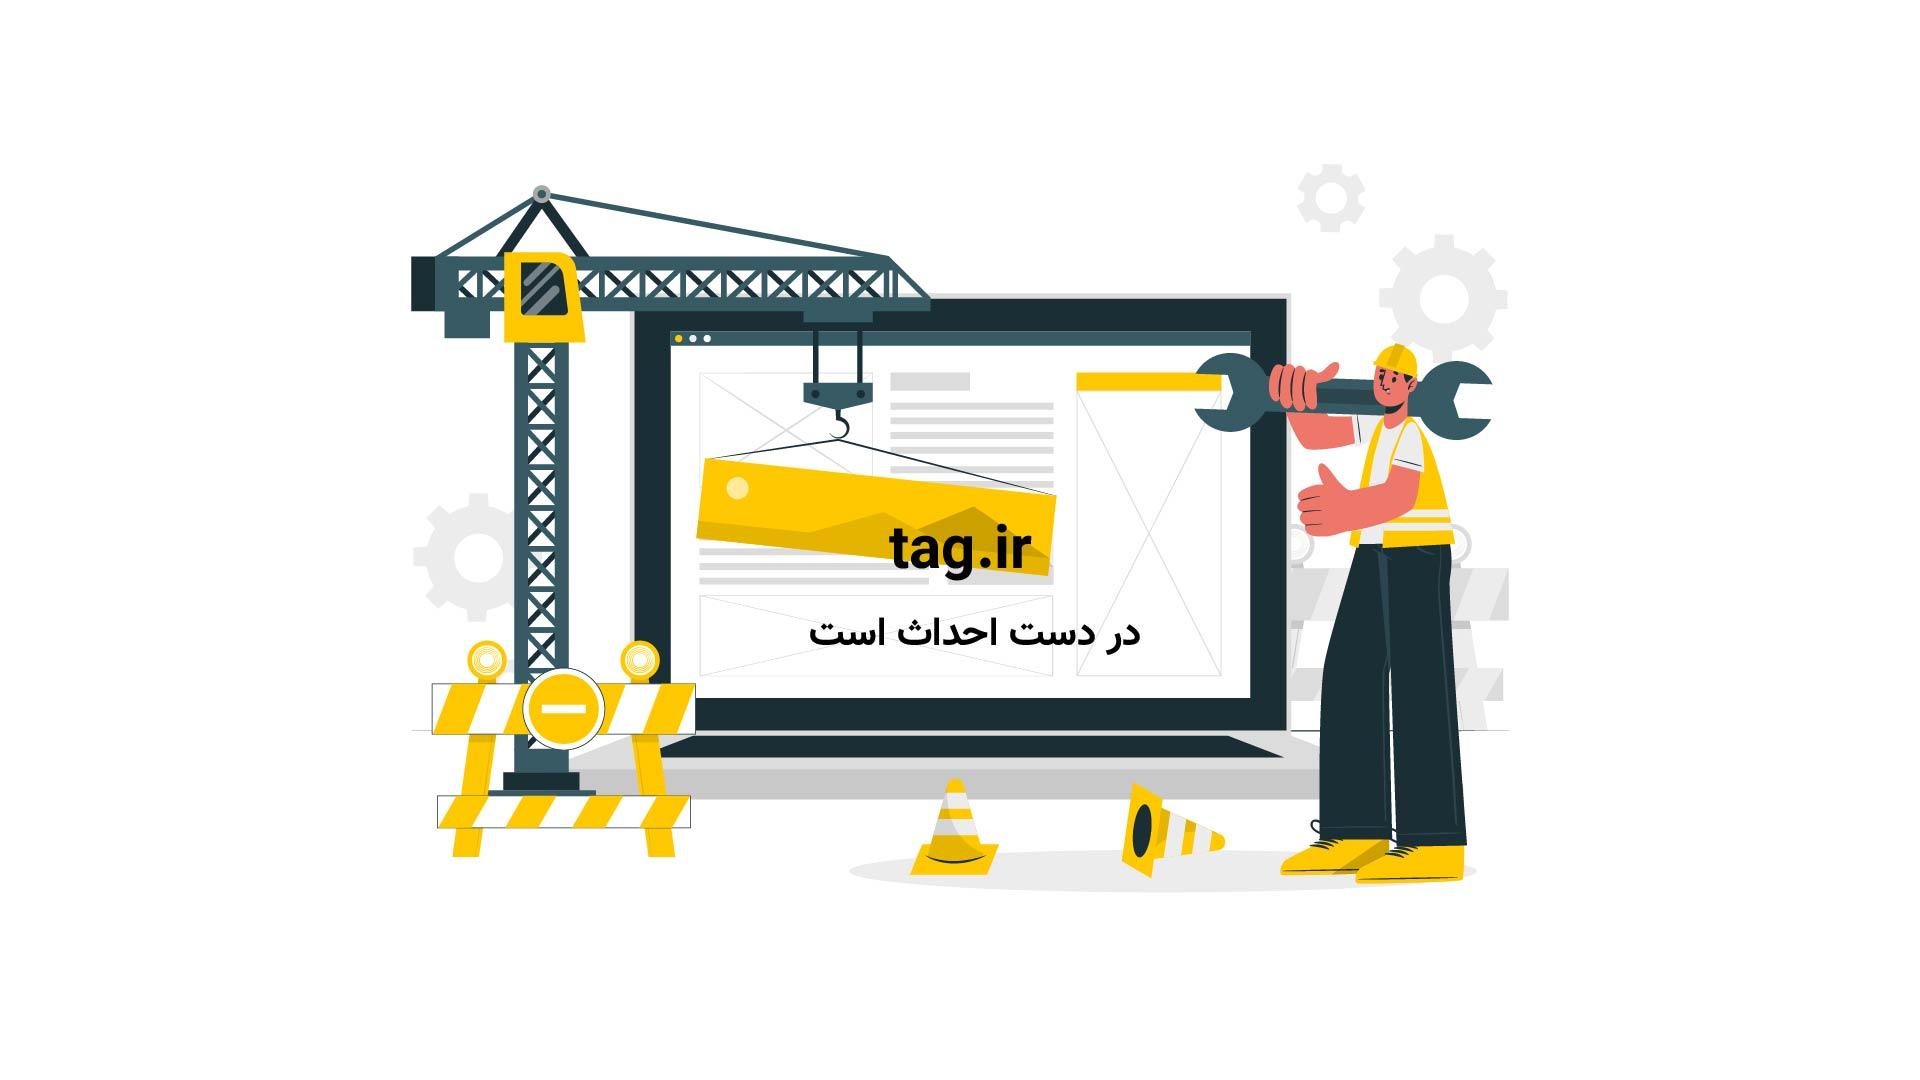 تکنیک نقاشی با آبرنگ؛ آموزش کشیدن قلعه جادویی هاگوارتز | فیلم